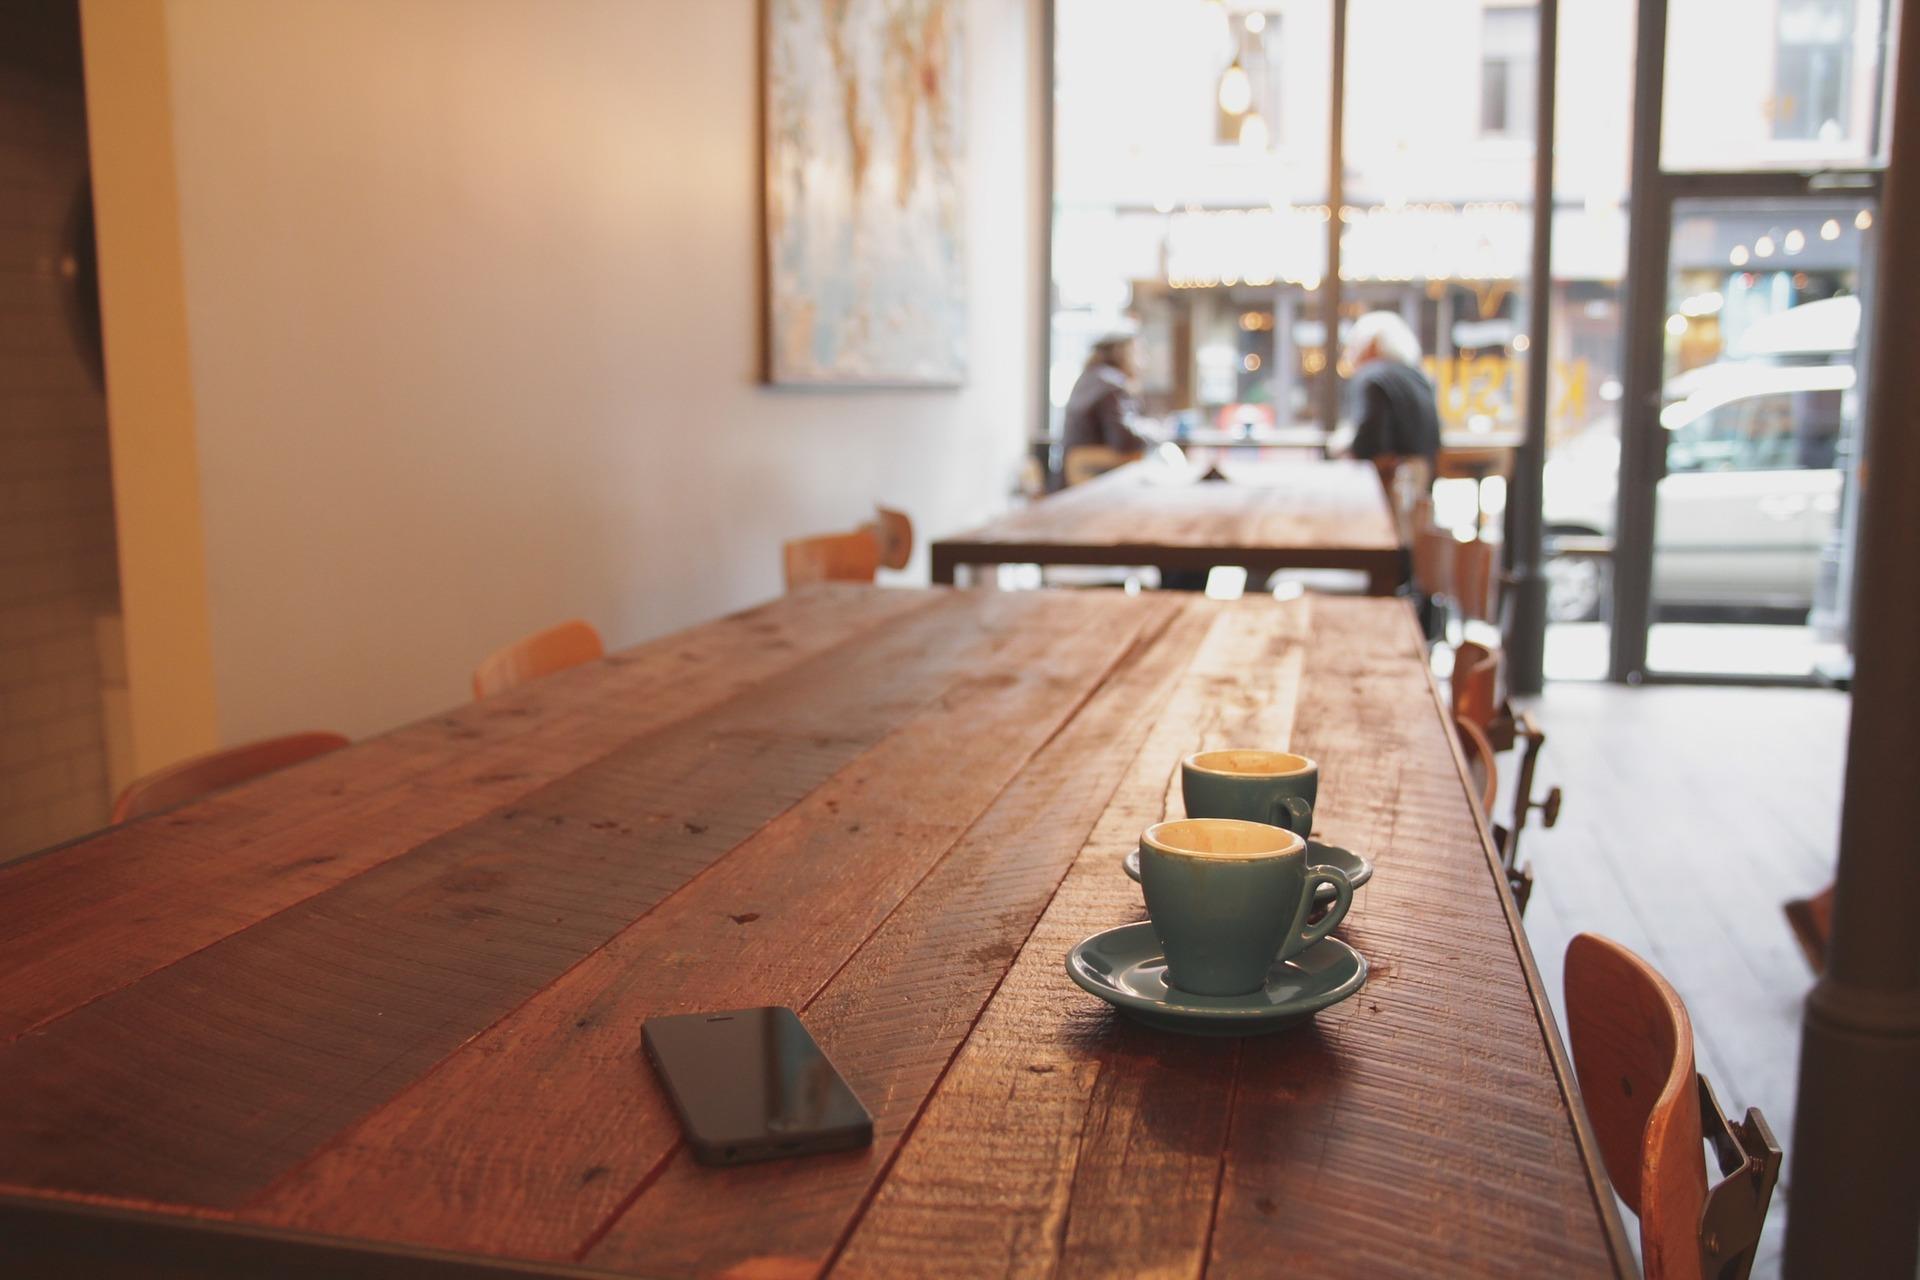 coffee-692560_1920